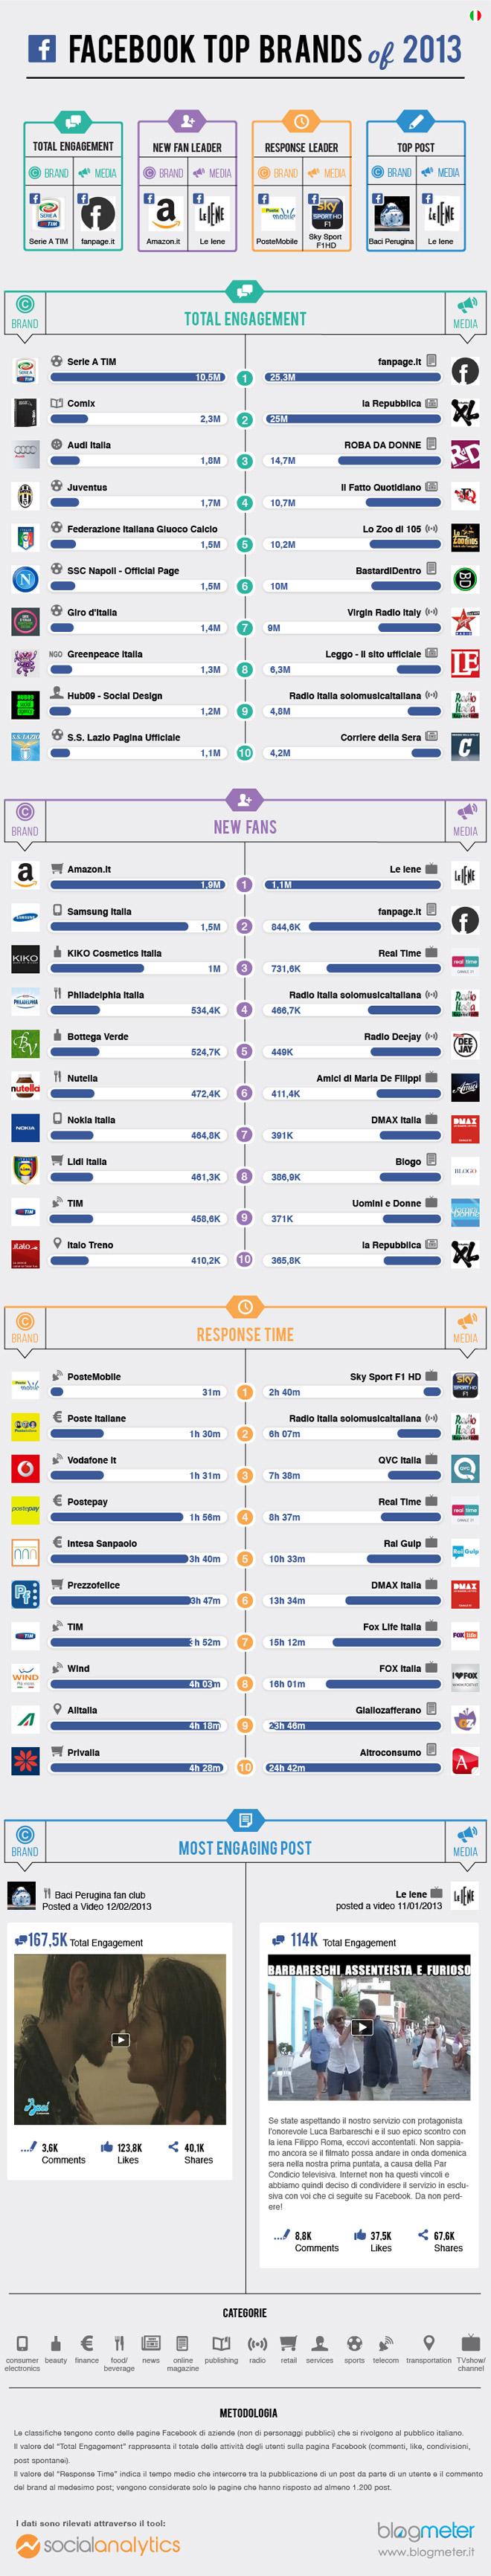 facebook-top-brands-2013